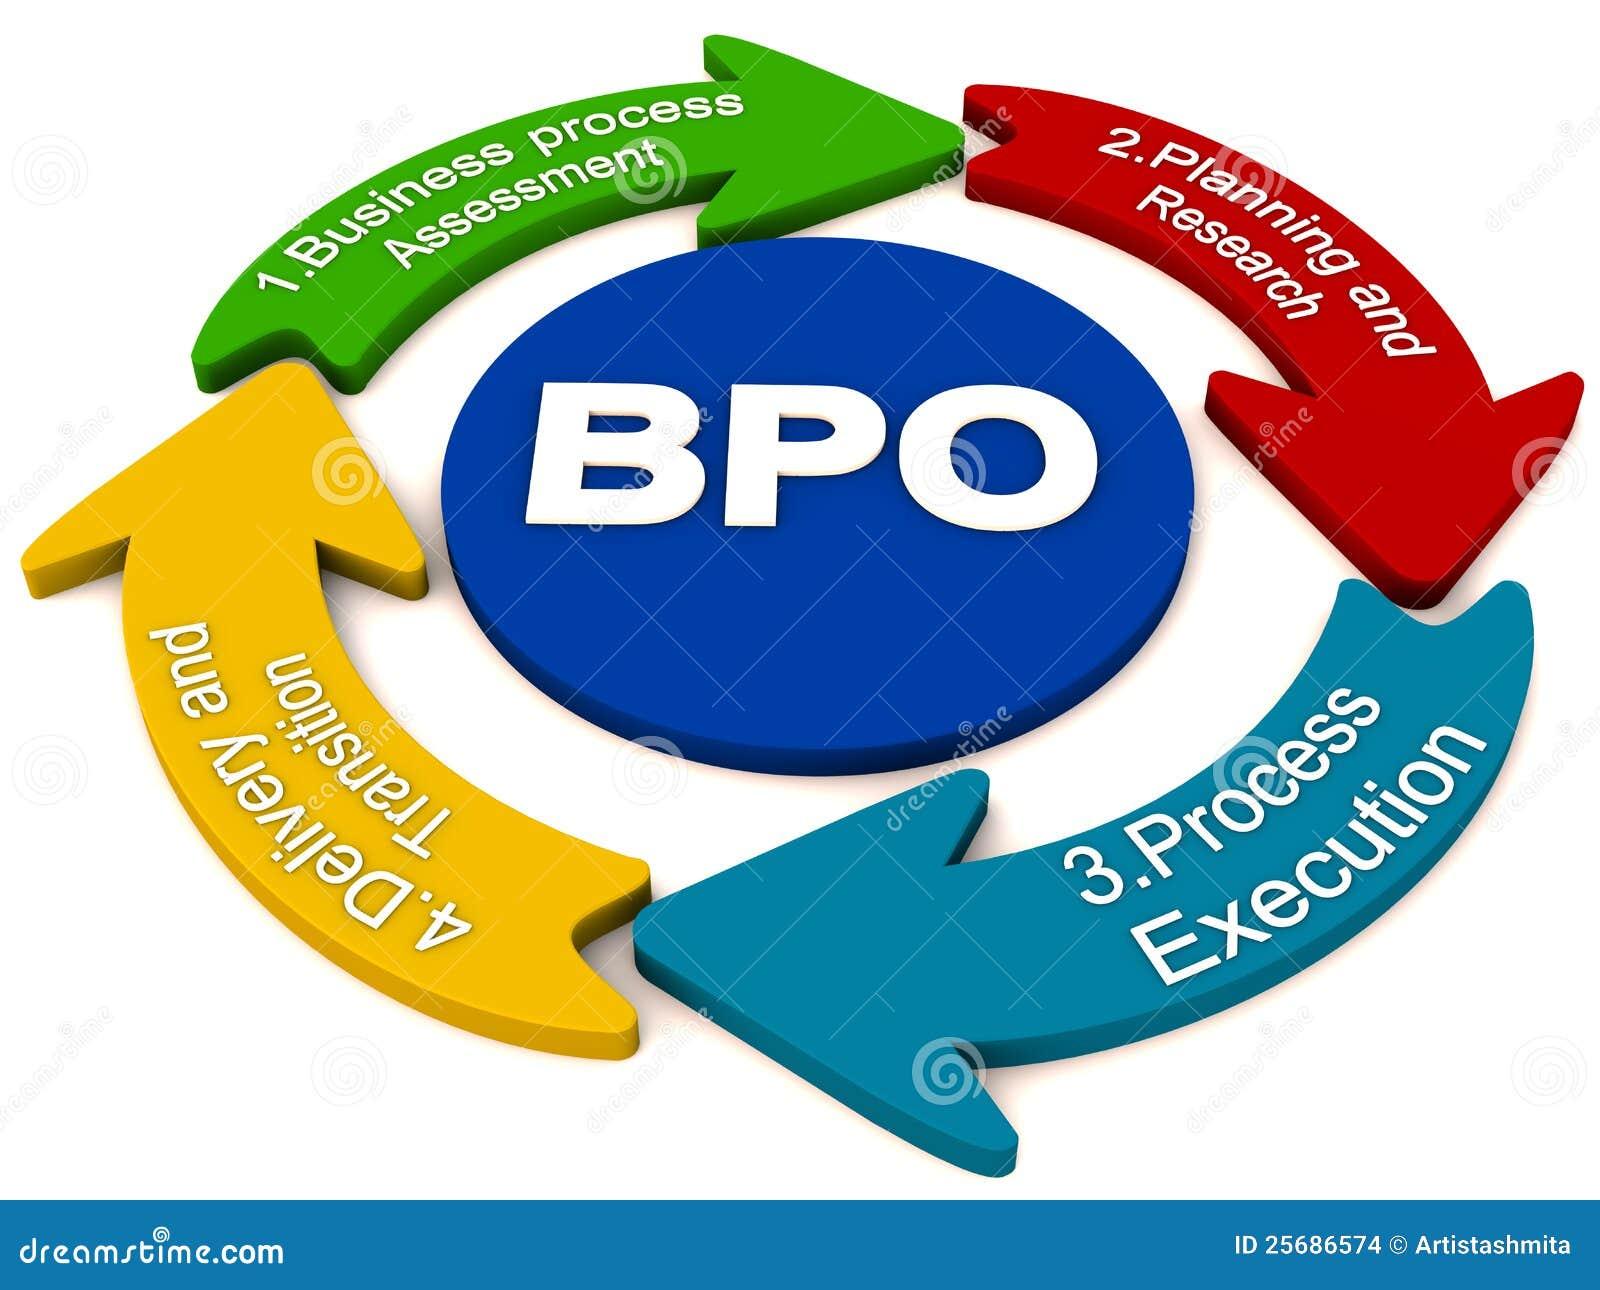 information technology bpo 2 definitions of bpo definition of bpo in information technology what does bpo stand for.